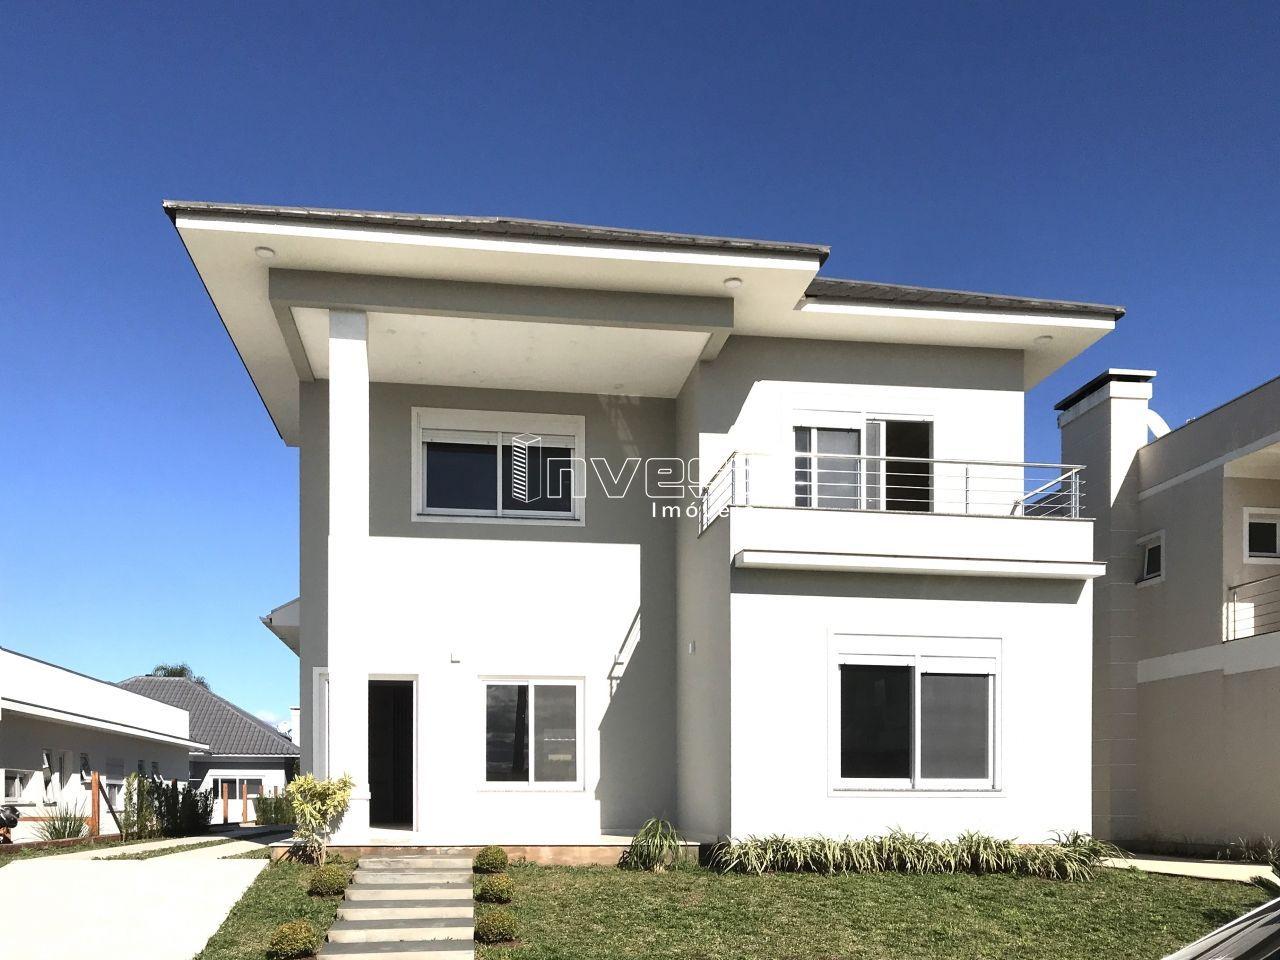 Casa à venda  no Jardim Europa - Santa Cruz do Sul, RS. Imóveis